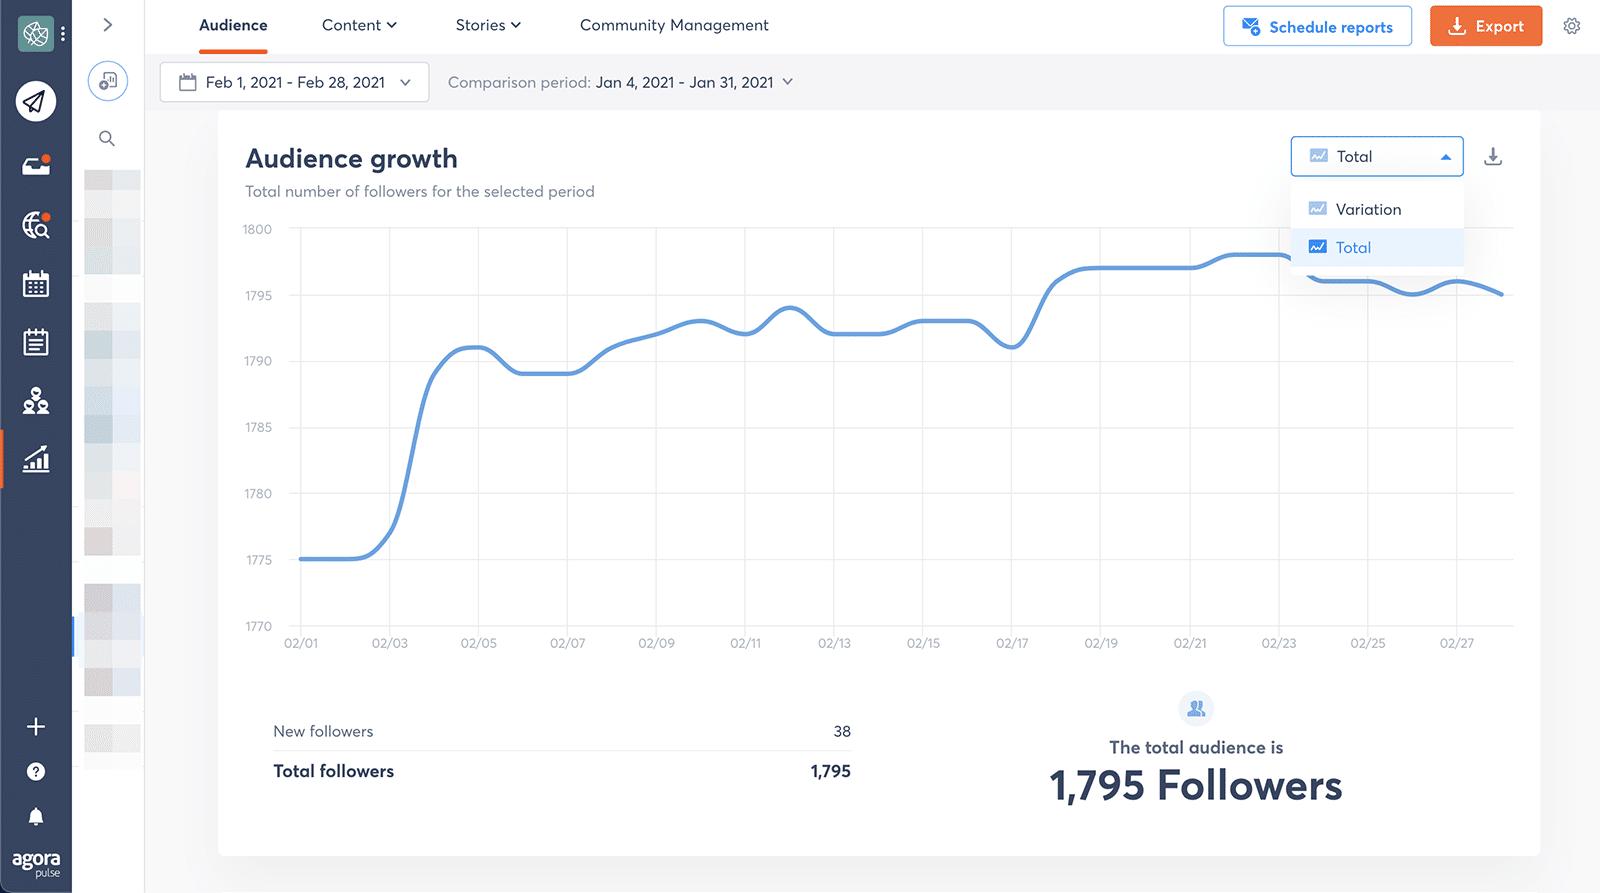 Instagram metrics - audience growth total